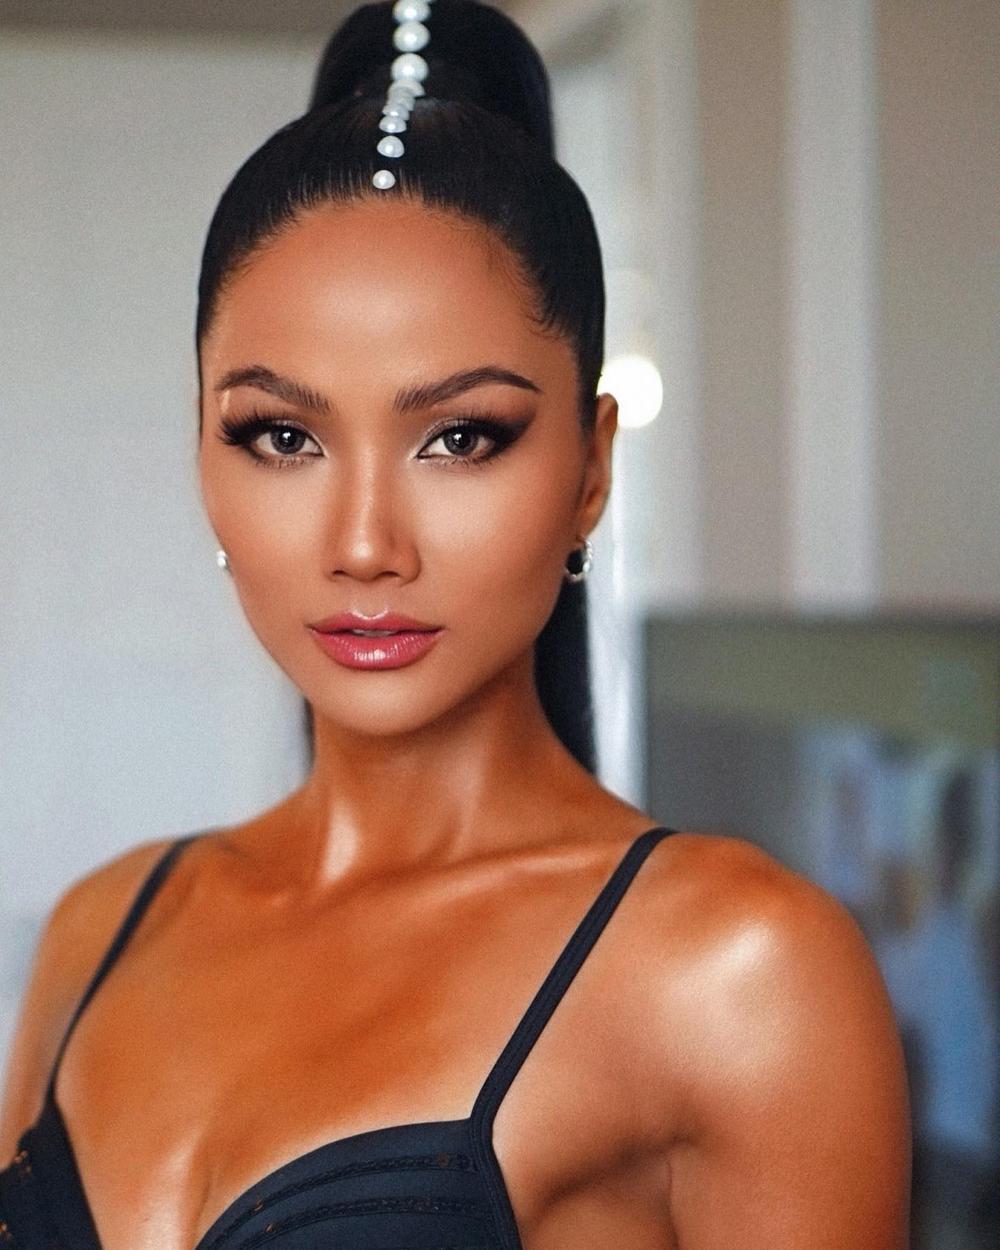 Miss Universe Vietnam 2021 khởi động, H'Hen Niê trở thành giám khảo tìm kiếm nhan sắc kế nhiệm Khánh Vân Ảnh 4